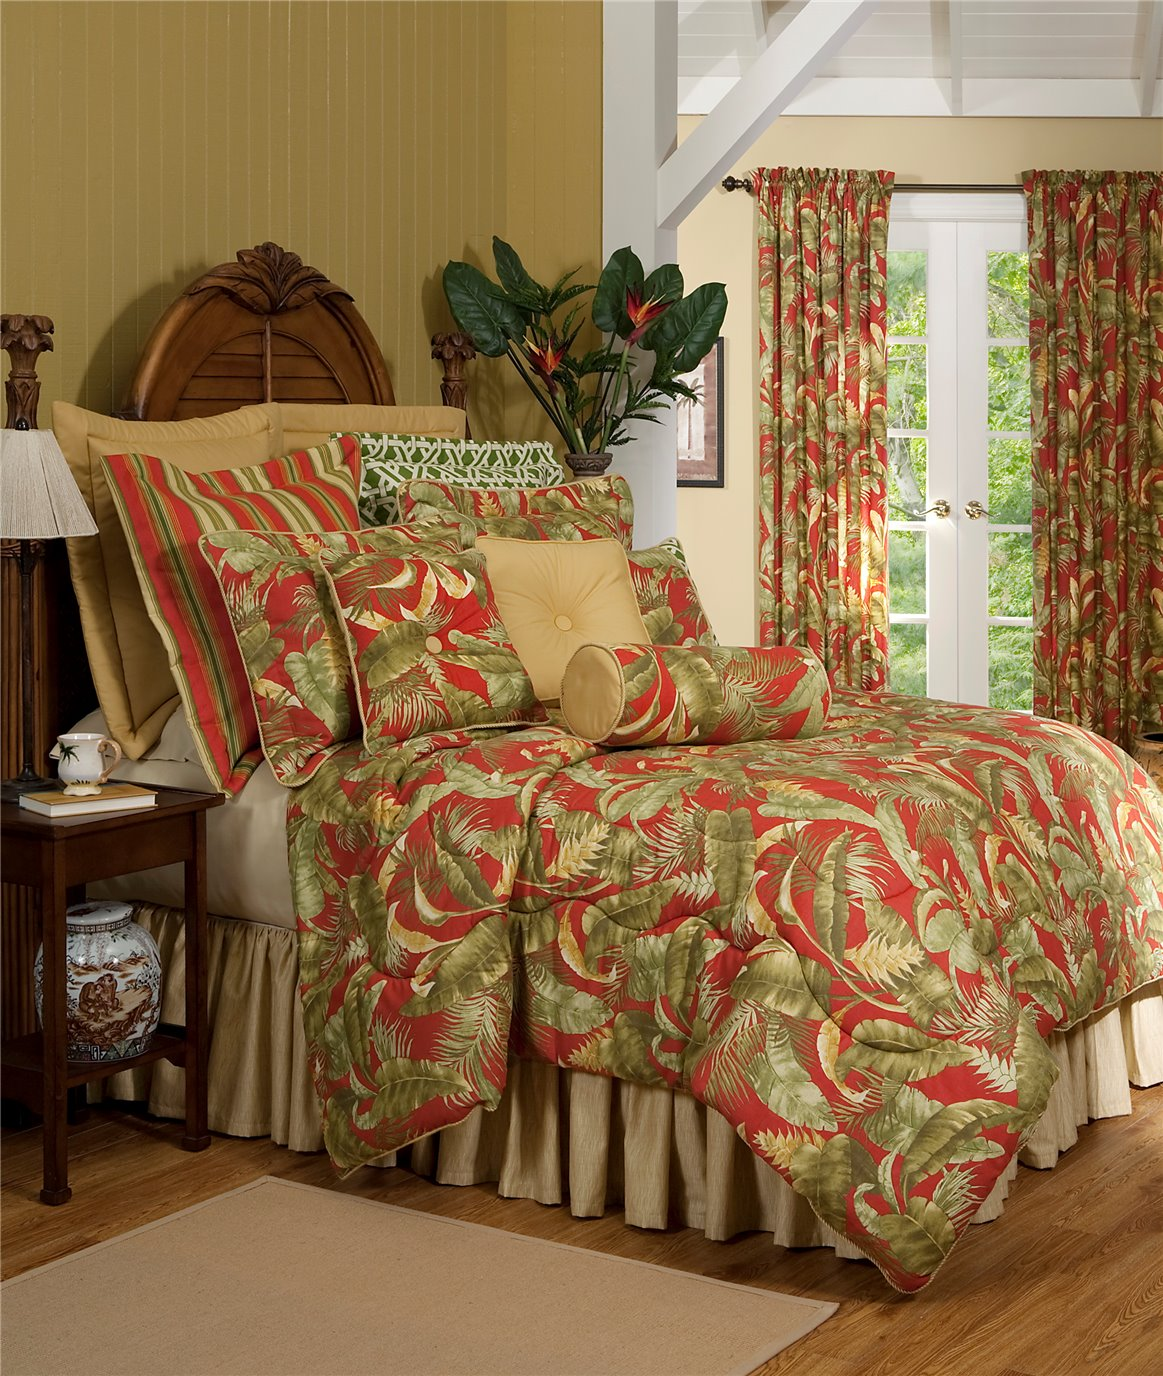 Captiva King Thomasville Comforter